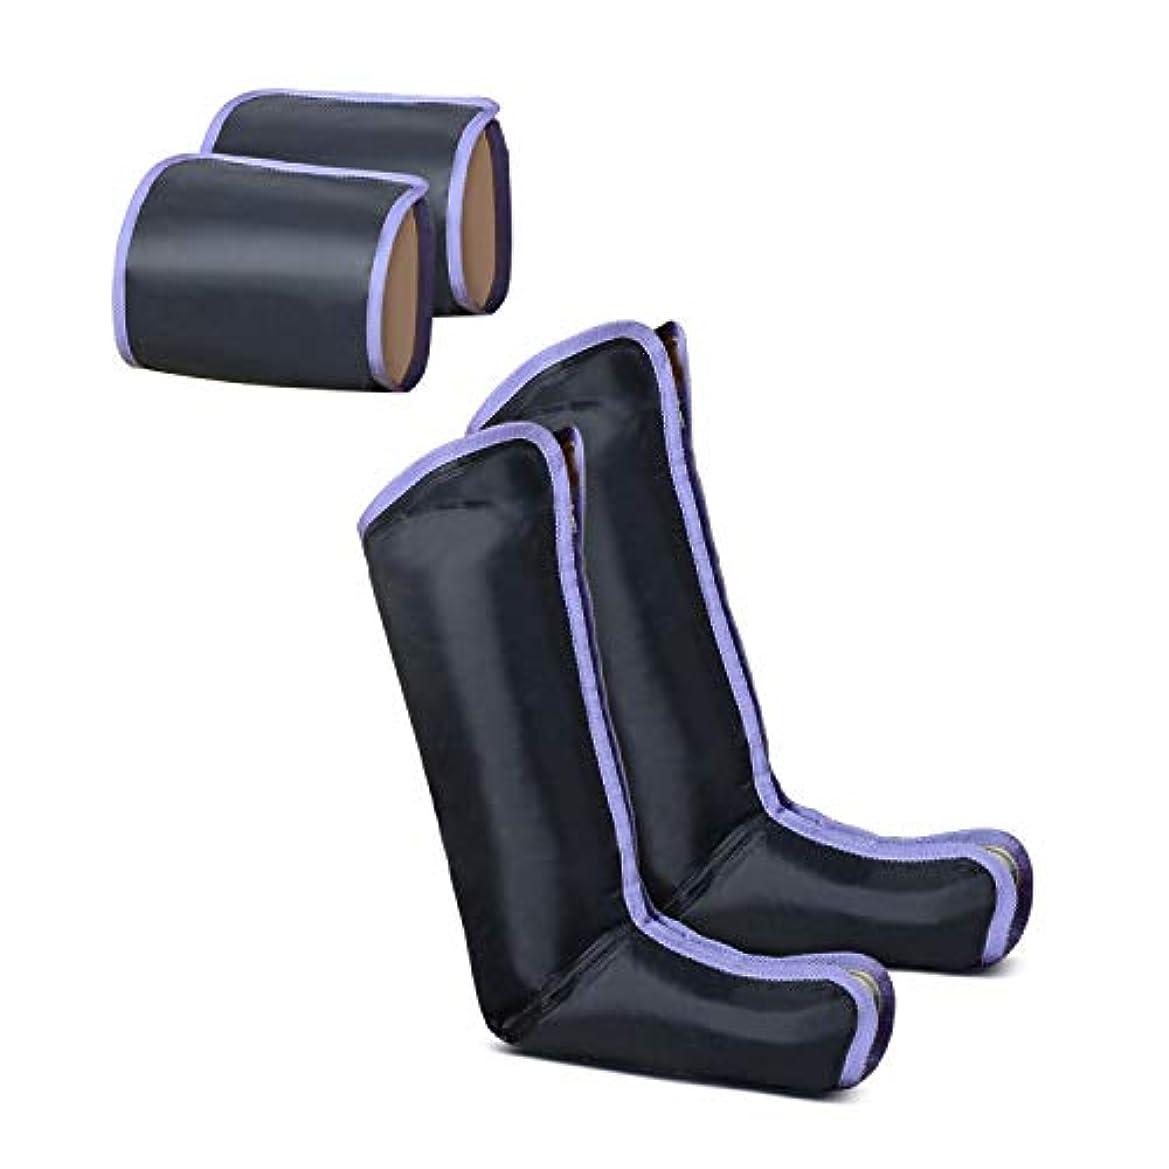 解説ペルメル乳SOLIN フットマッサージャー エアーマッサージャー レッグリフレ レッグマッサージ 電気マッサージ機 ひざ/太もも巻き対応 疲労の回復 血行の促進 贈り物